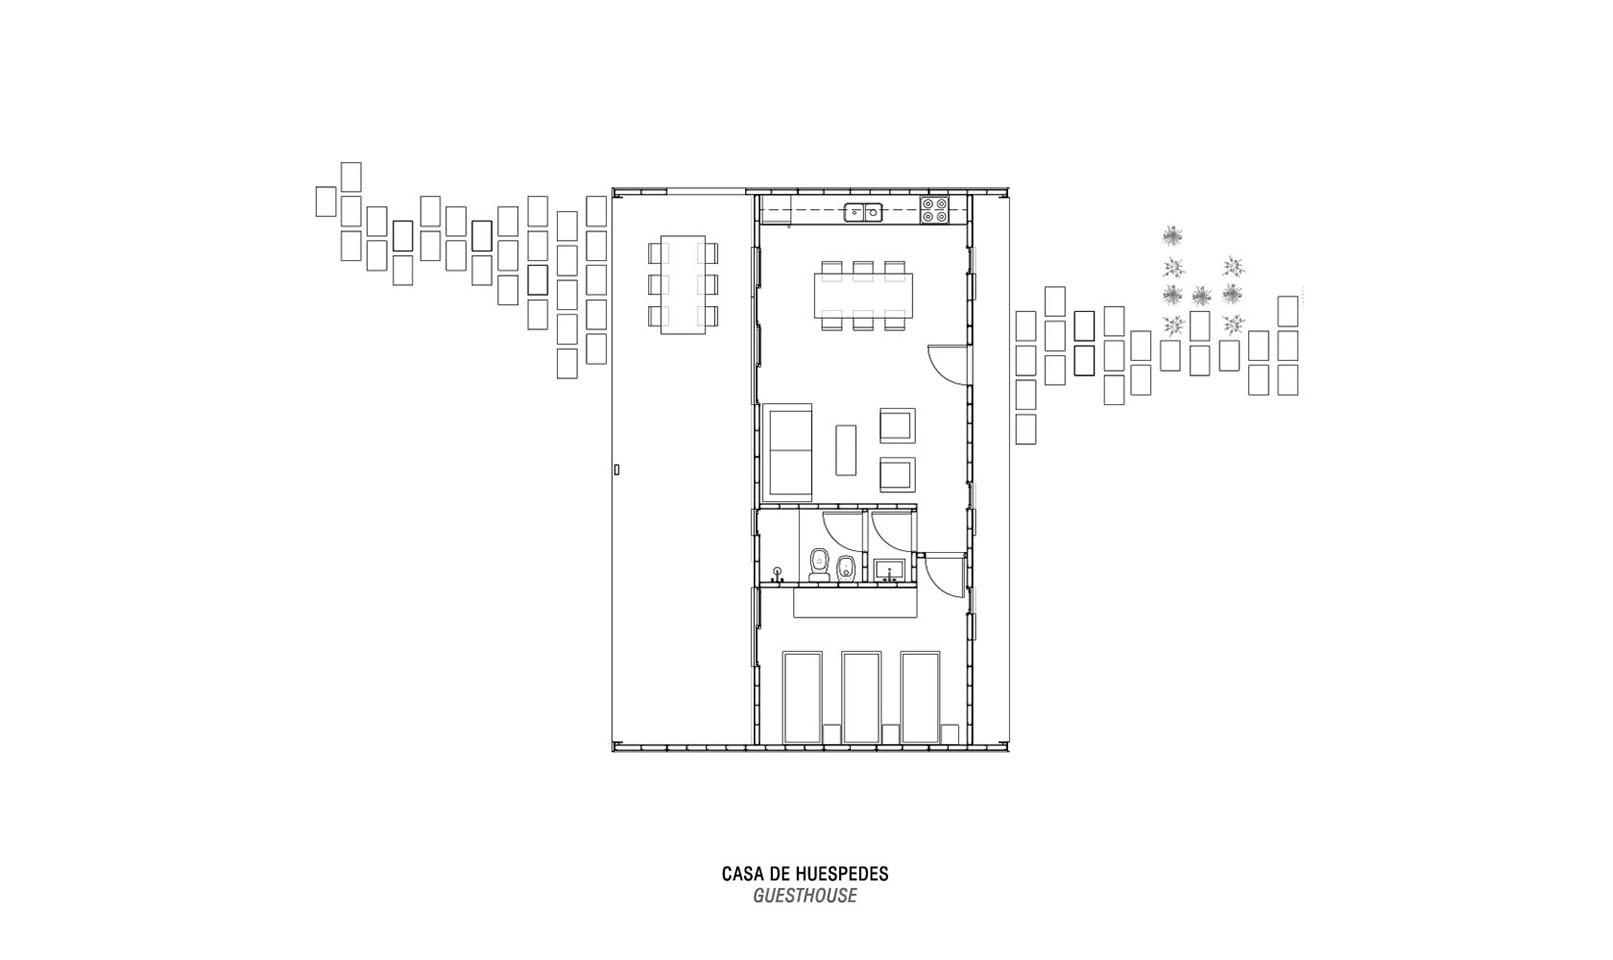 Diseño de casas minimalistas